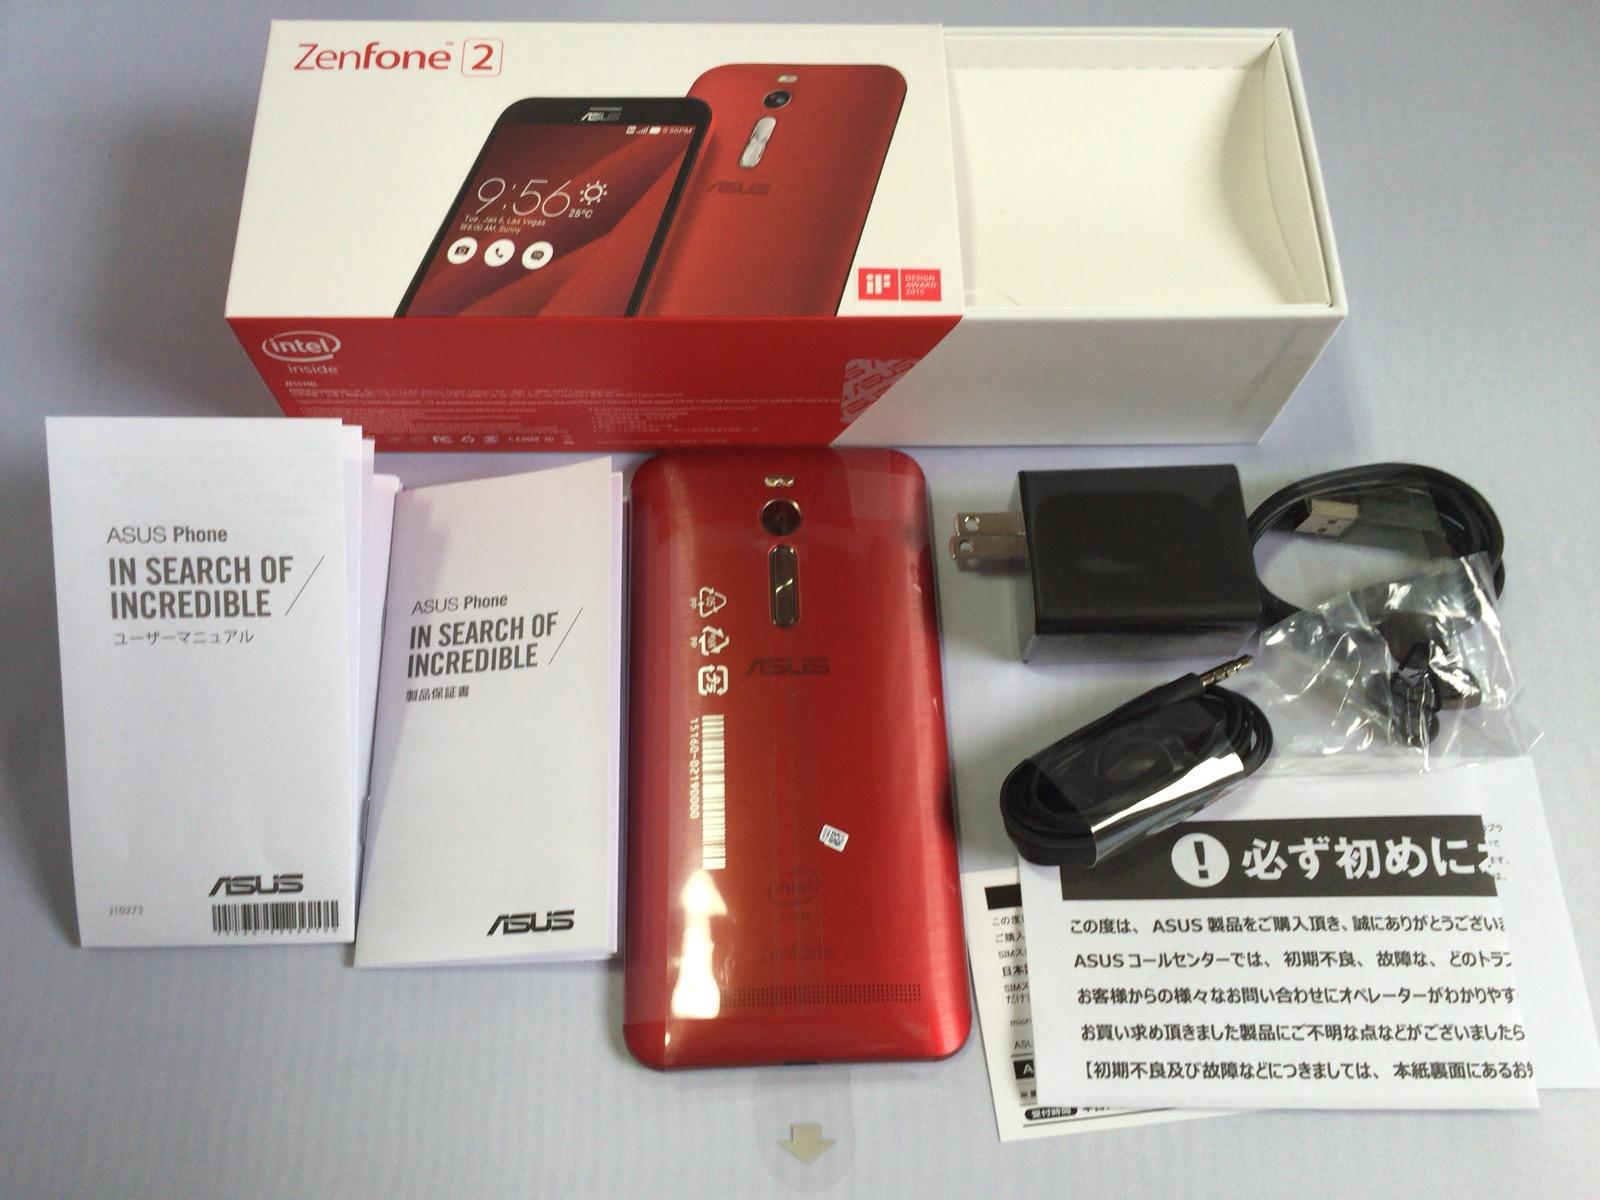 Zenfone 2の内容物全部と外箱の集合写真